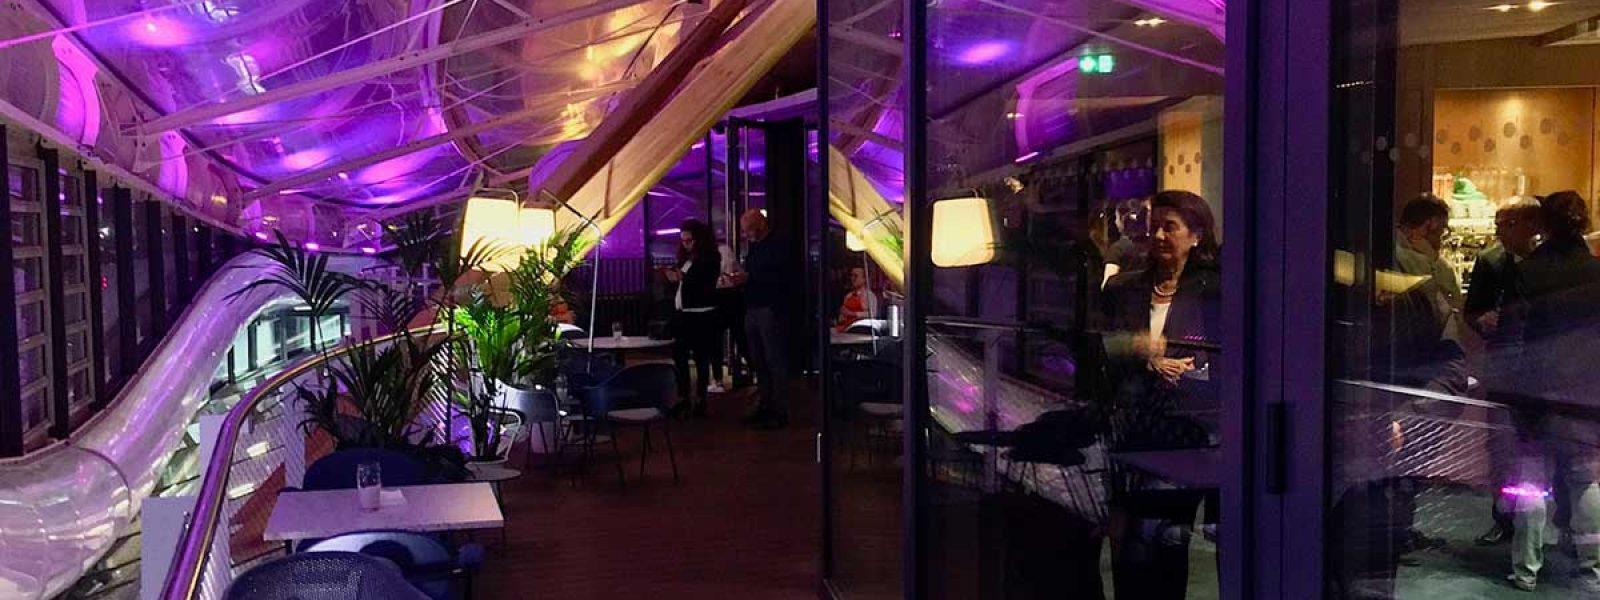 Restaurant Paris-Brest à Rennes